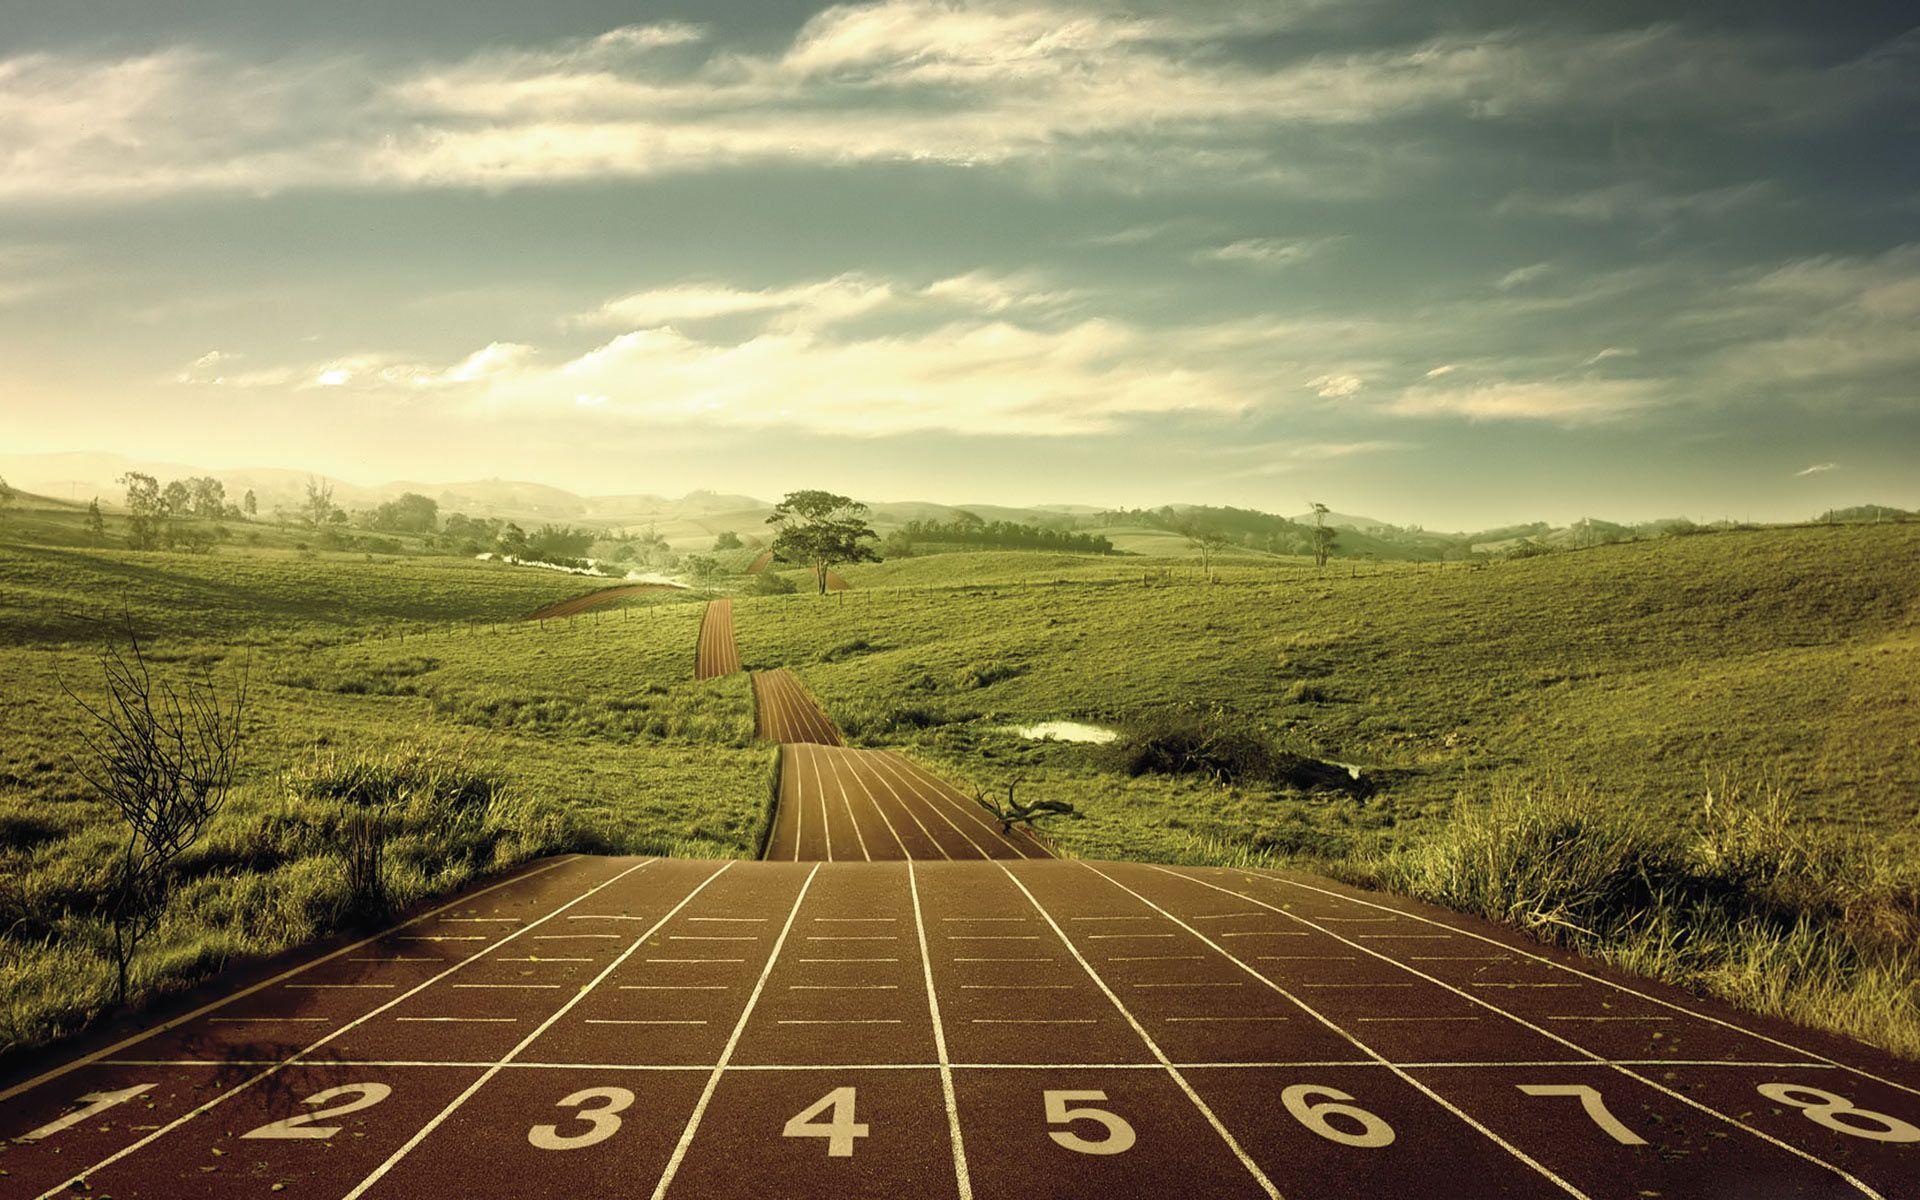 long distance running desktop hd wallpaper high quality